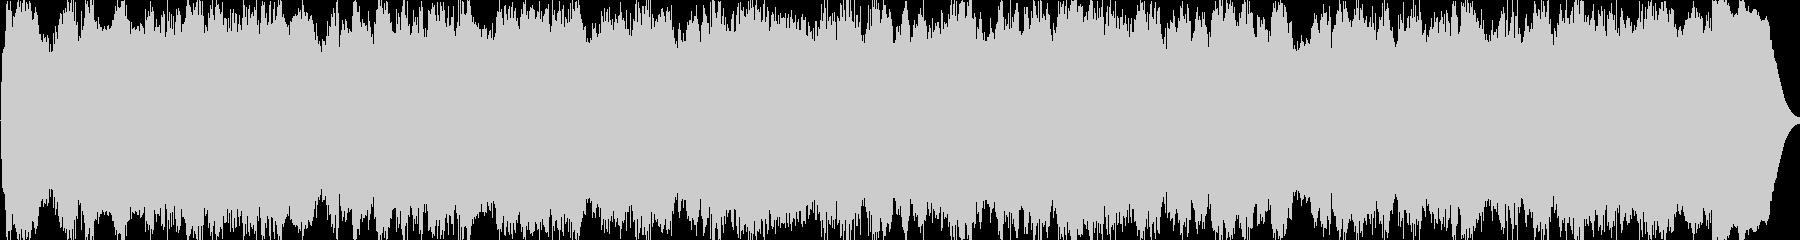 パイプオルガンの曲です。35秒です。の未再生の波形